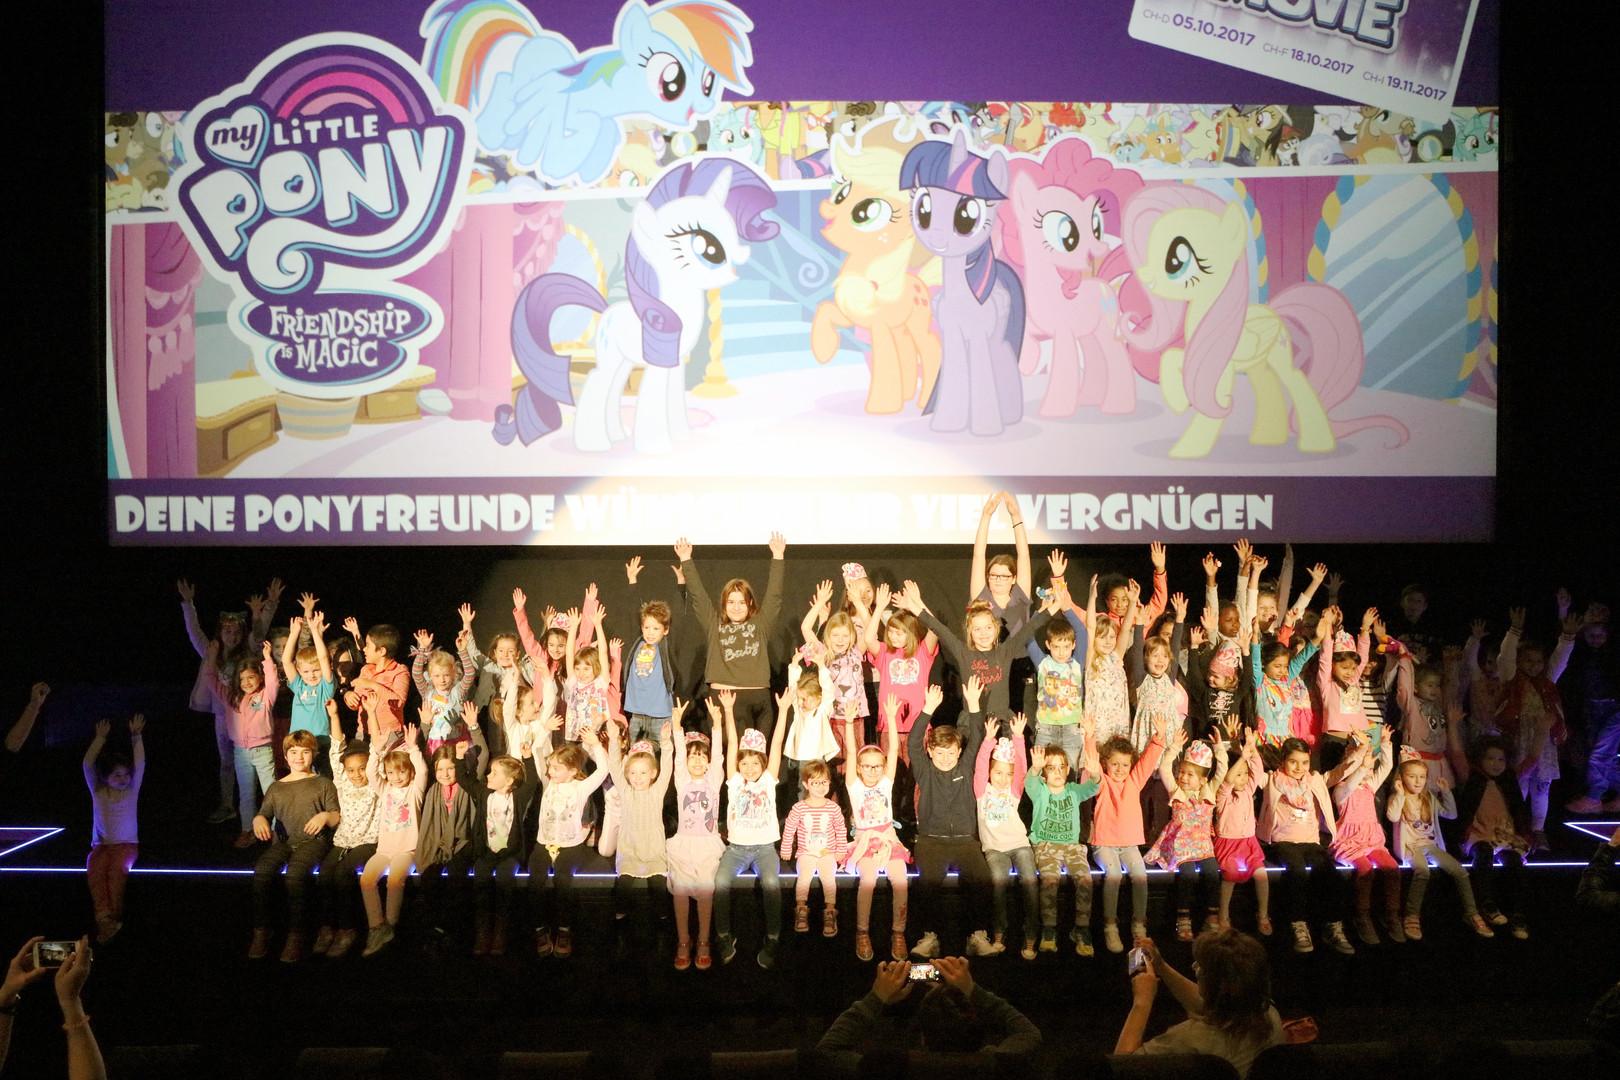 Event Kino Abaton